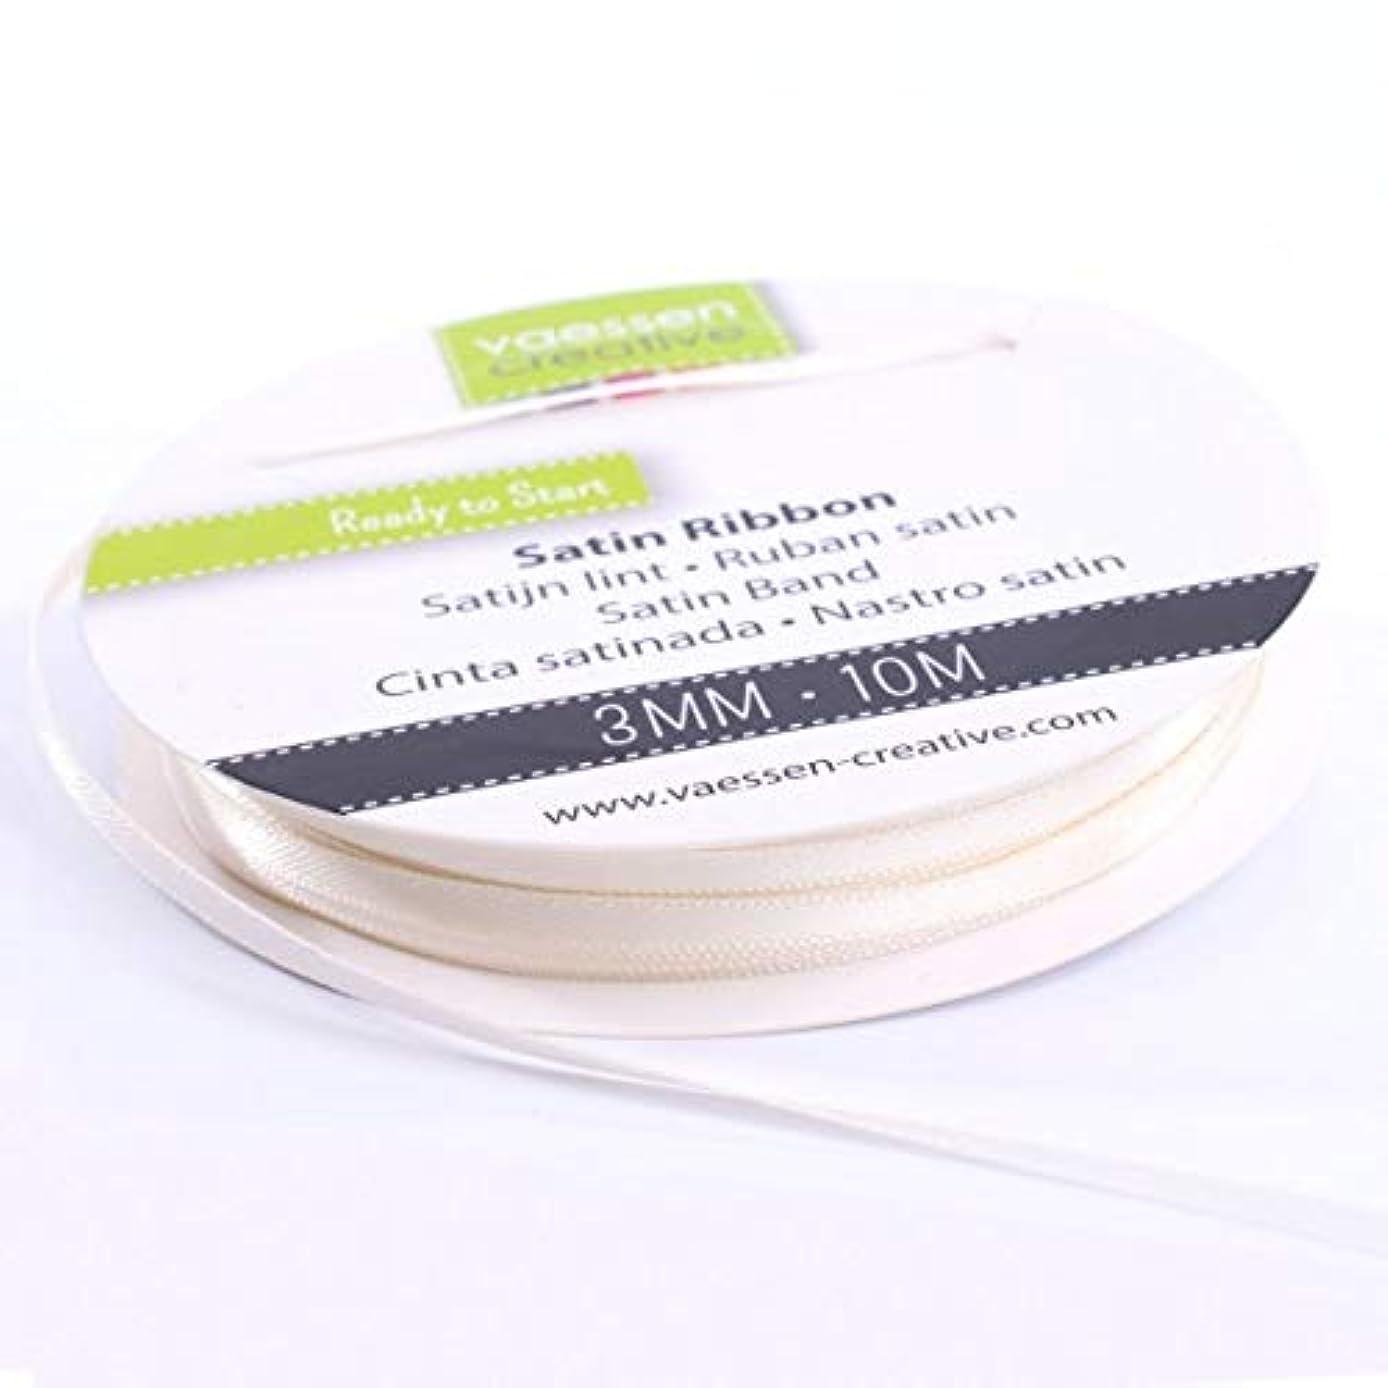 Vaessen Creative Double Satin Ribbon, Antikwei?, 3 mm